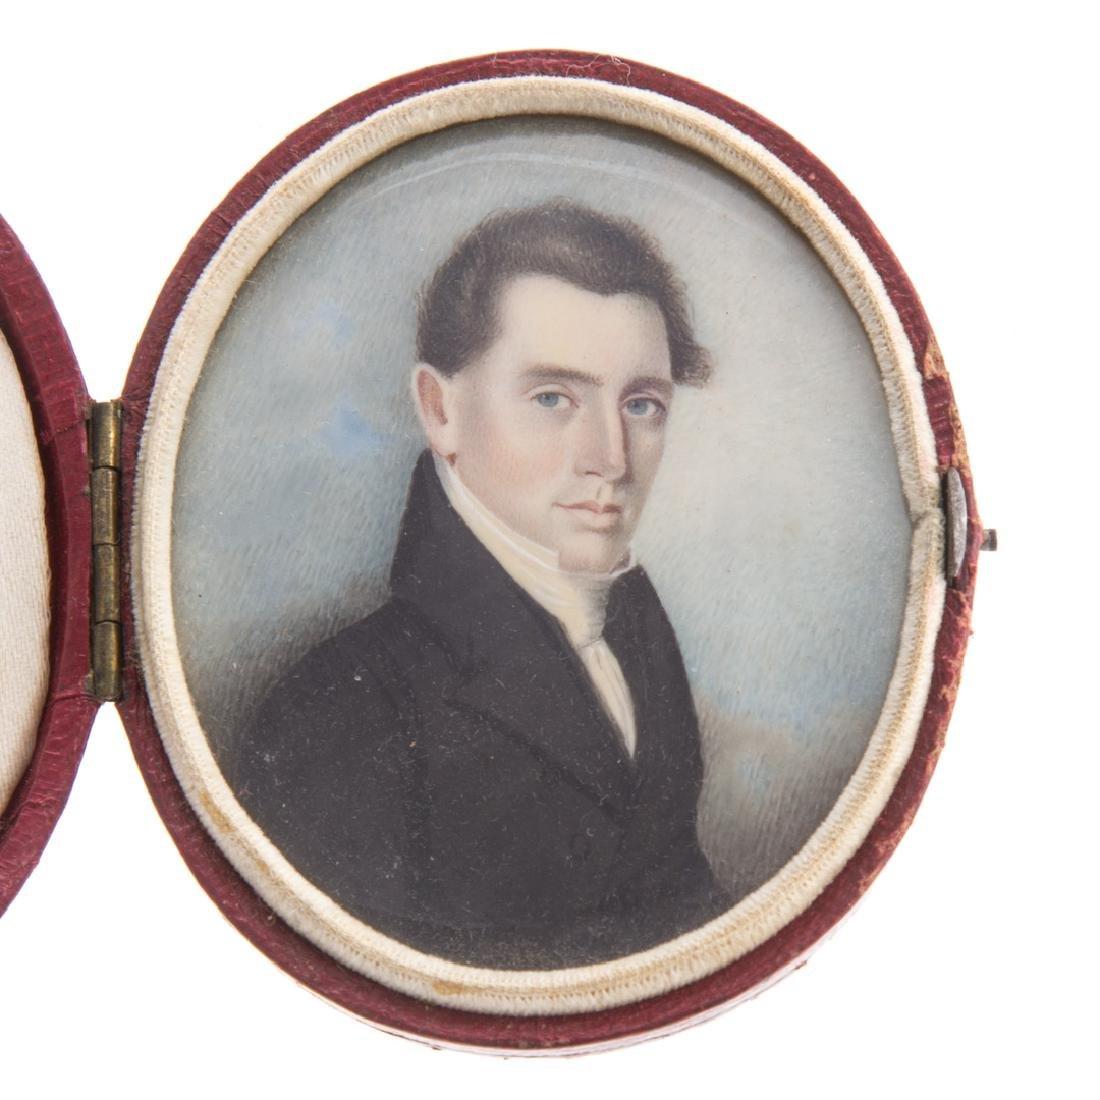 Portrait miniature of gentleman - 2